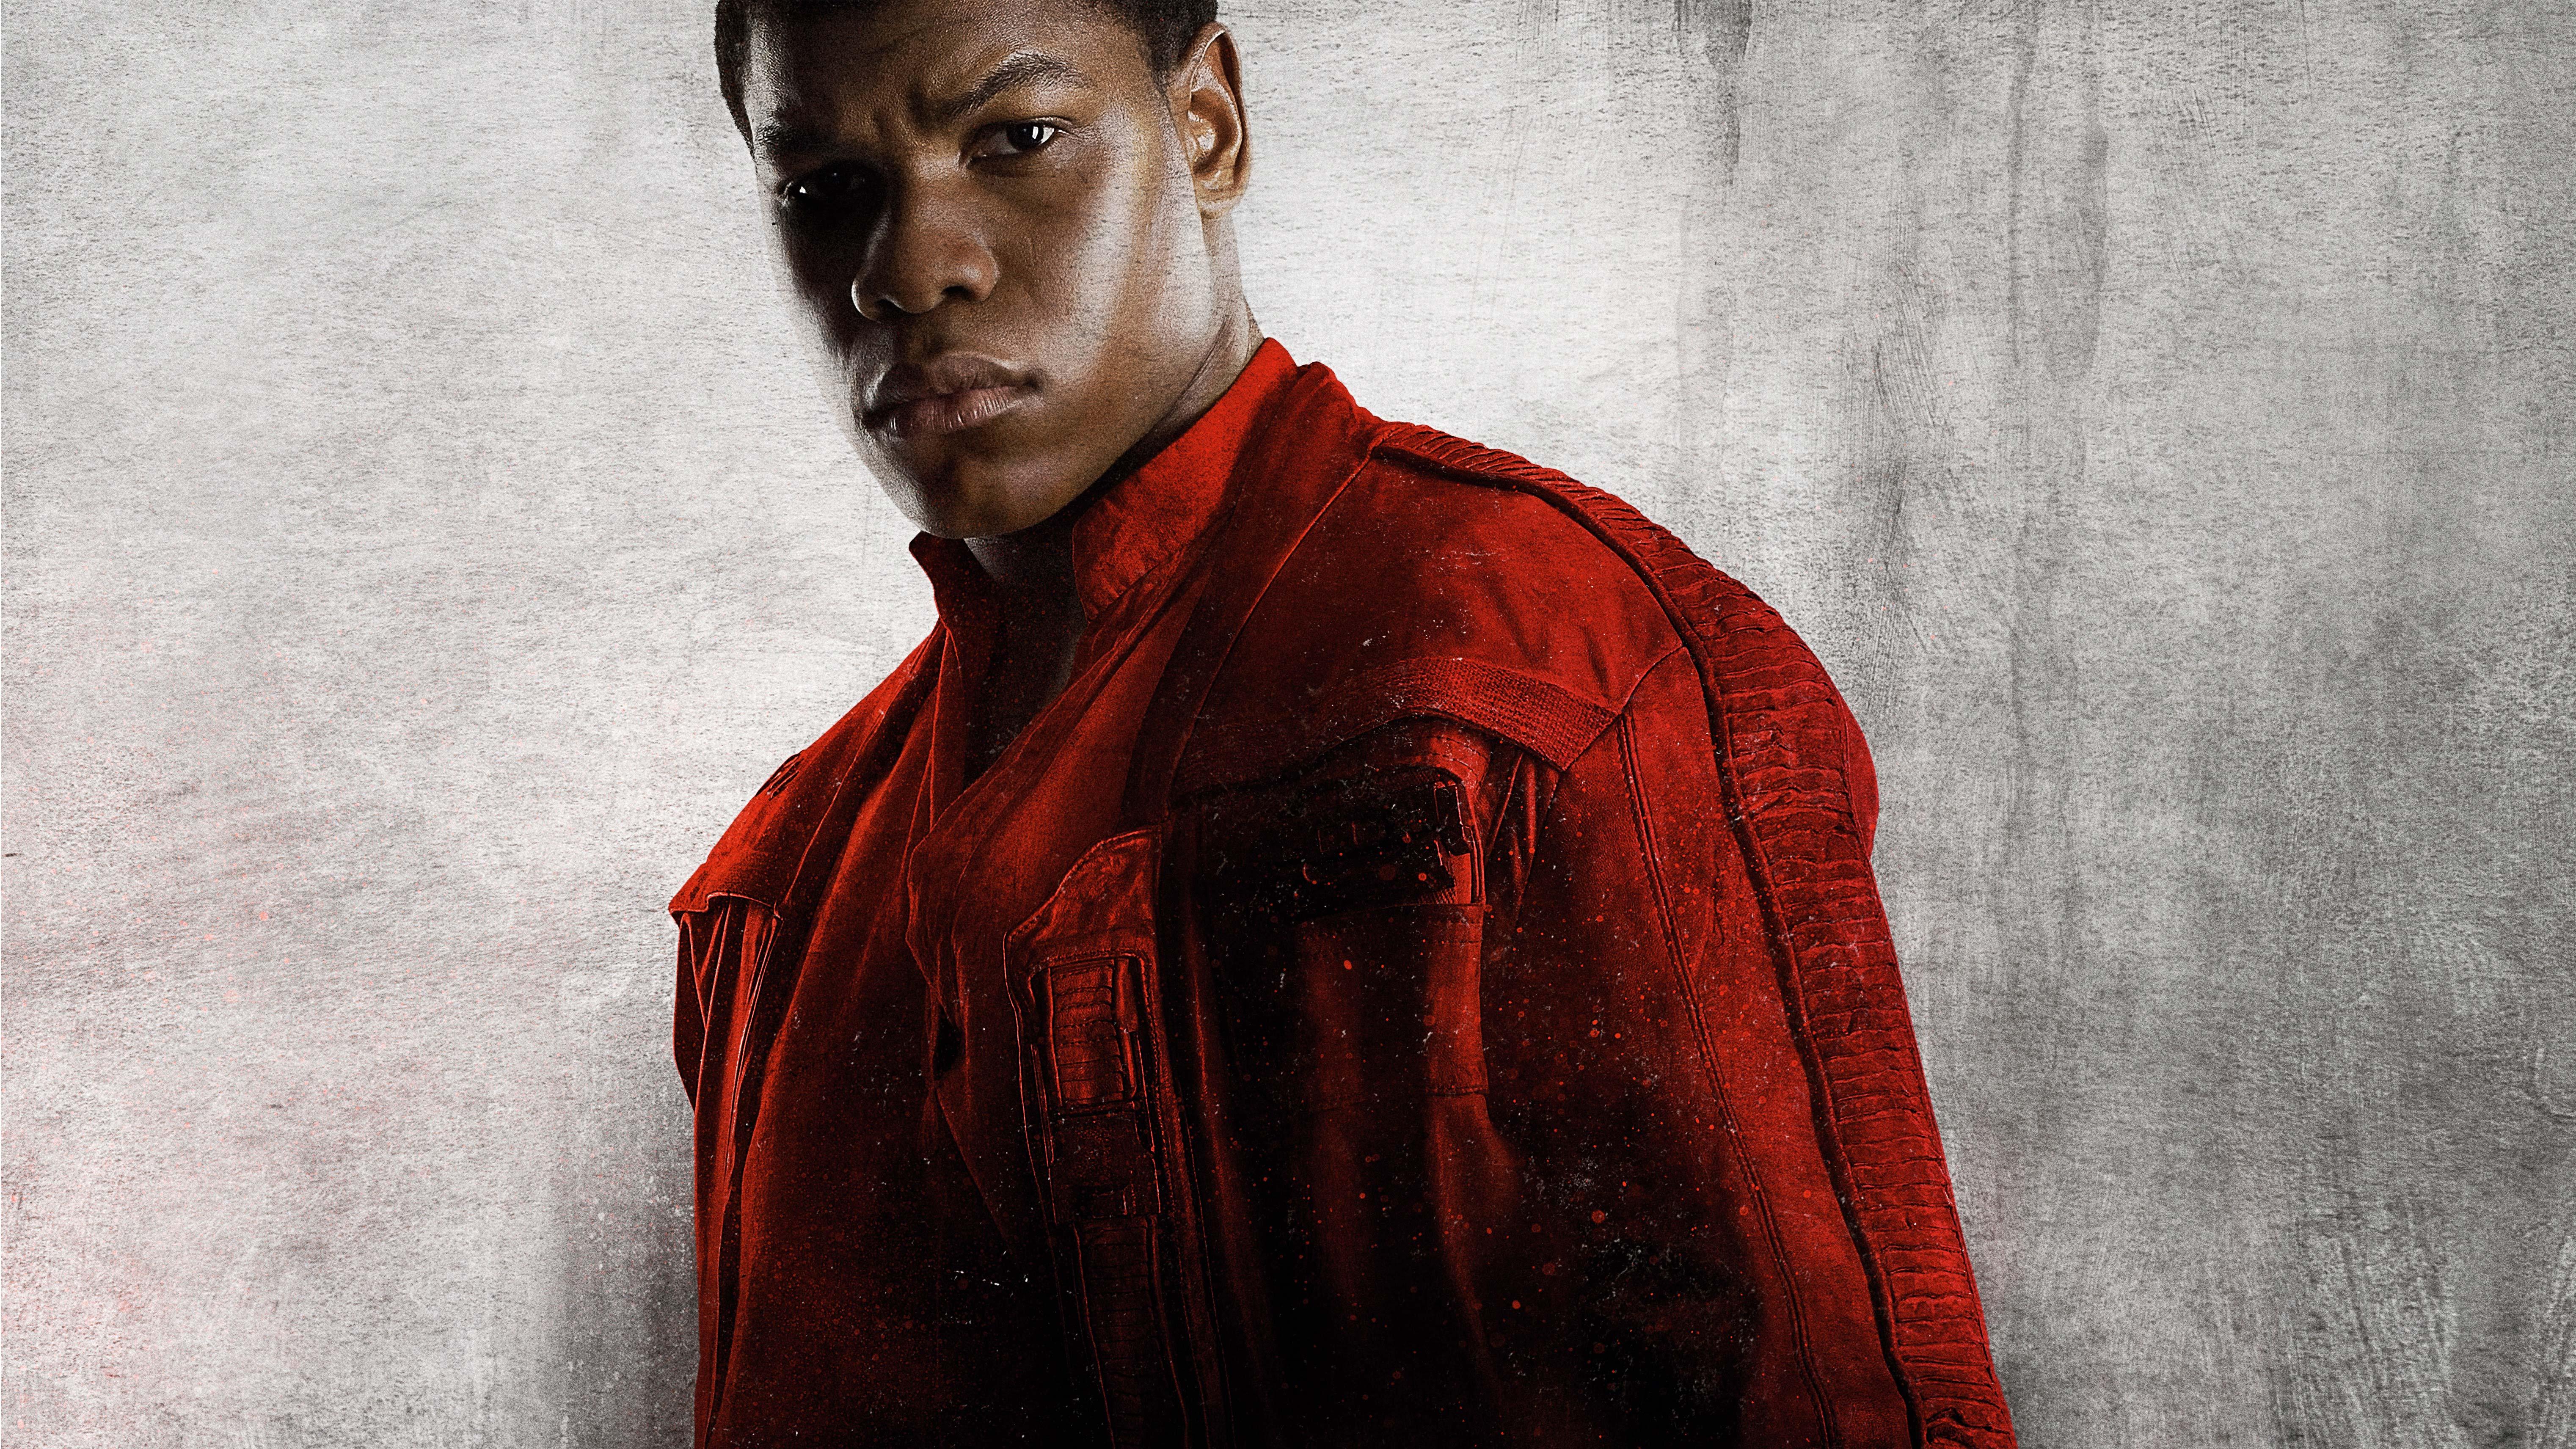 Finn Star Wars The Last Jedi Wallpaper Hd Movies 4k Wallpapers